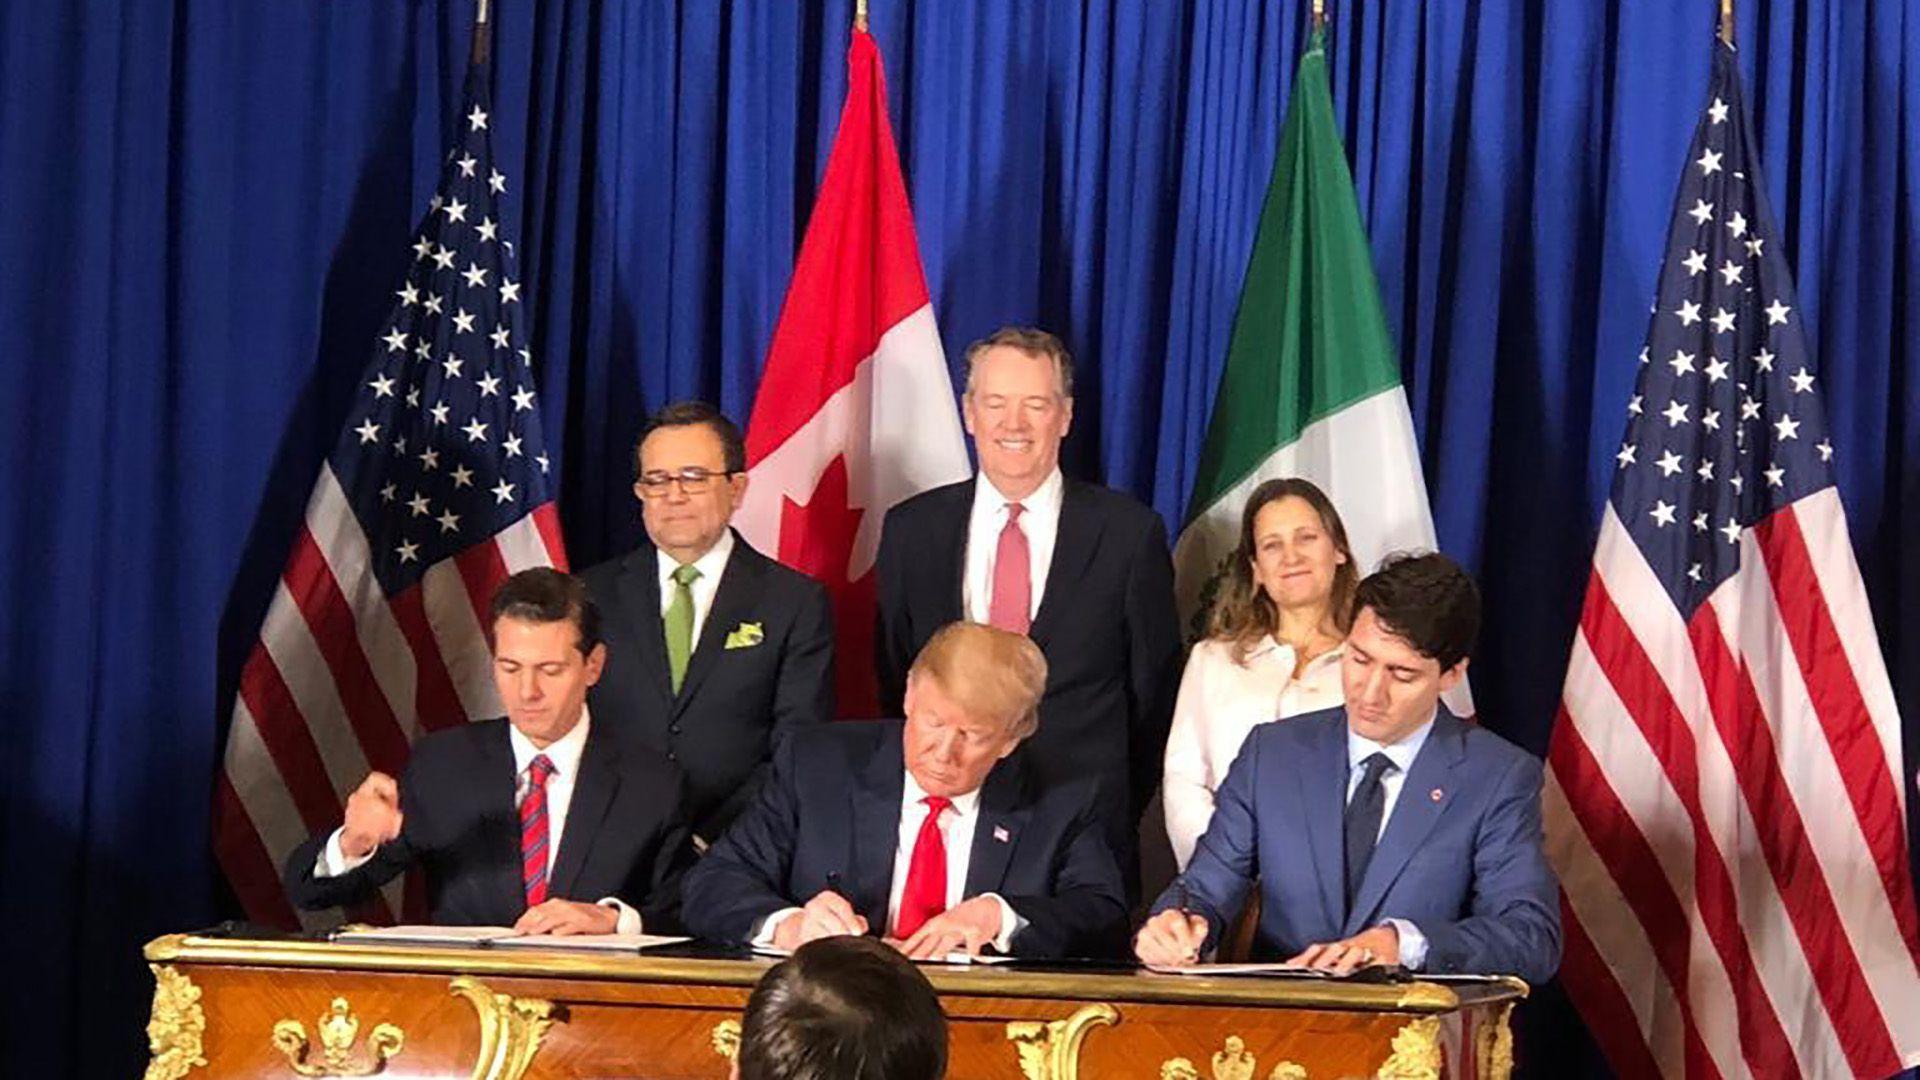 Estados Unidos, México y Canadá firmaron su nuevo acuerdo de libre comercio conocido como T-MEC (Télam)